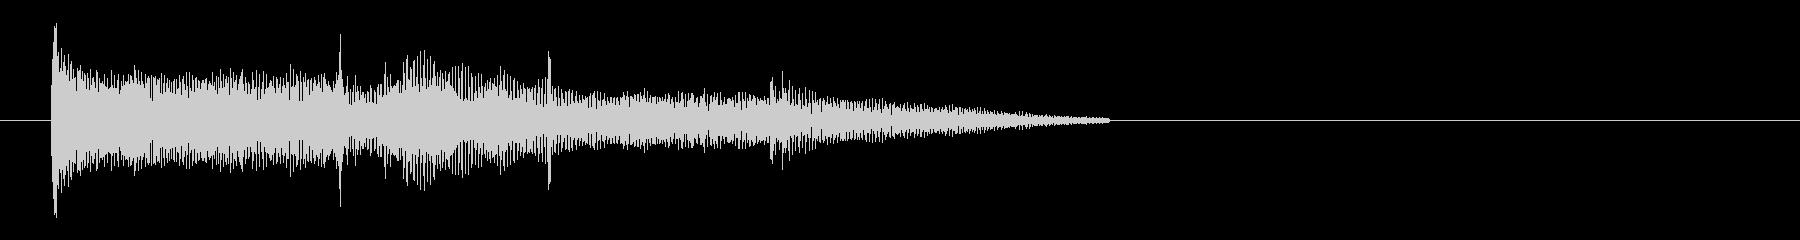 金属製の物を放り投げる効果音 01の未再生の波形